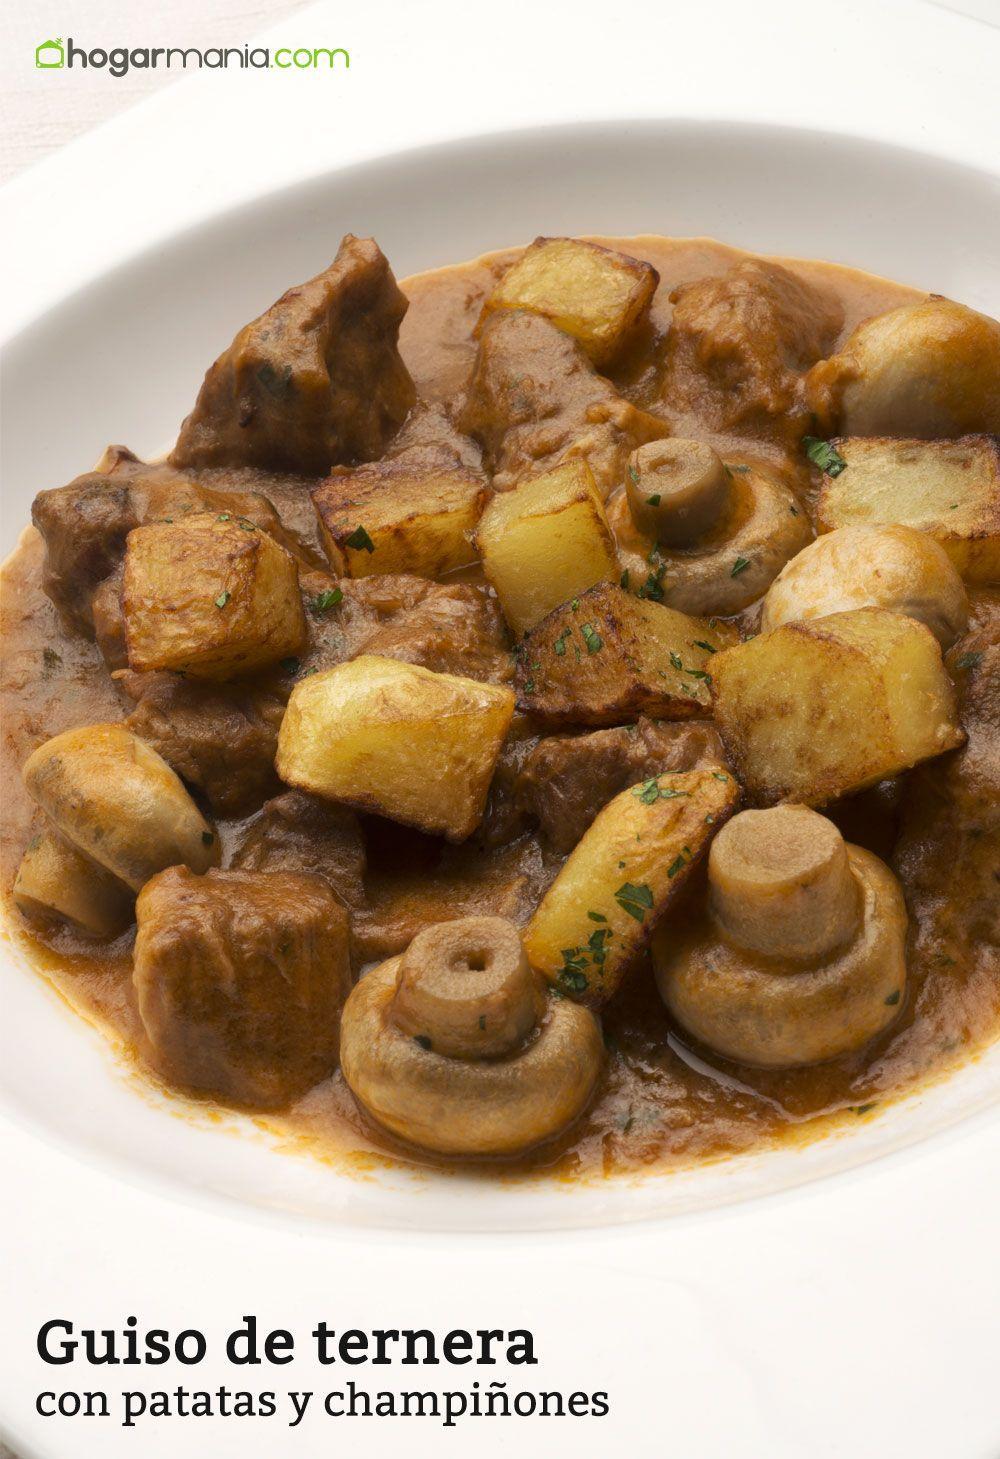 Karlos Arguiñano prepara un guiso de ternera con champiñones y patatas, un plato tradicional elaborado en la olla rápida.